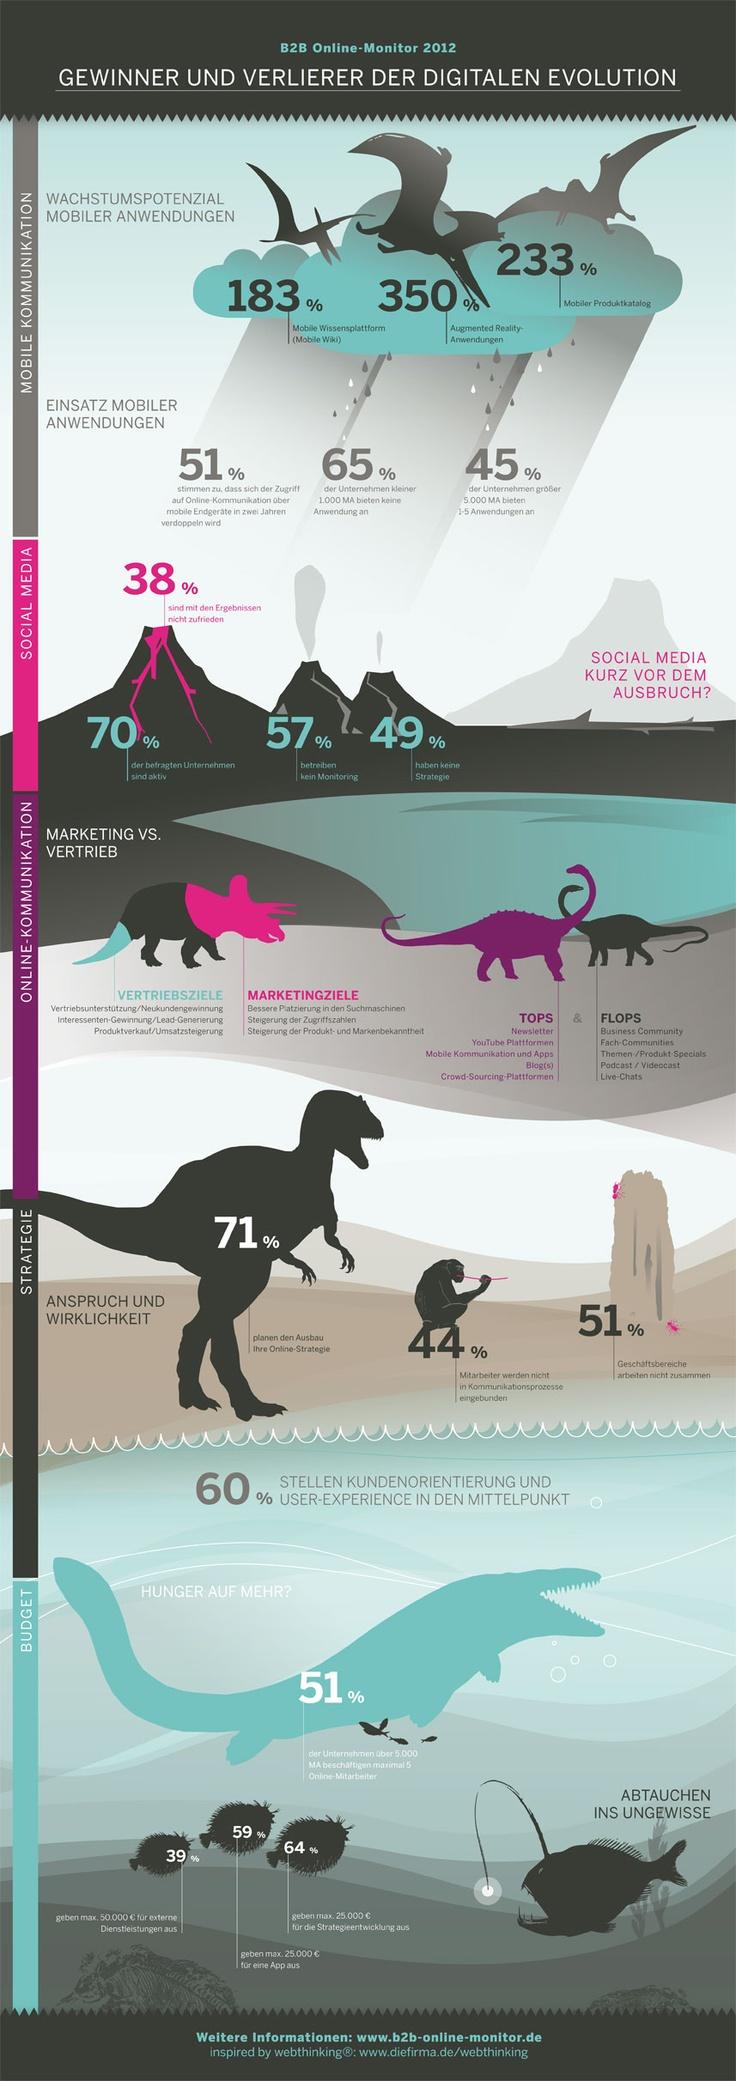 Infografik: Gewinner und Verlierer der digitalen Evolution